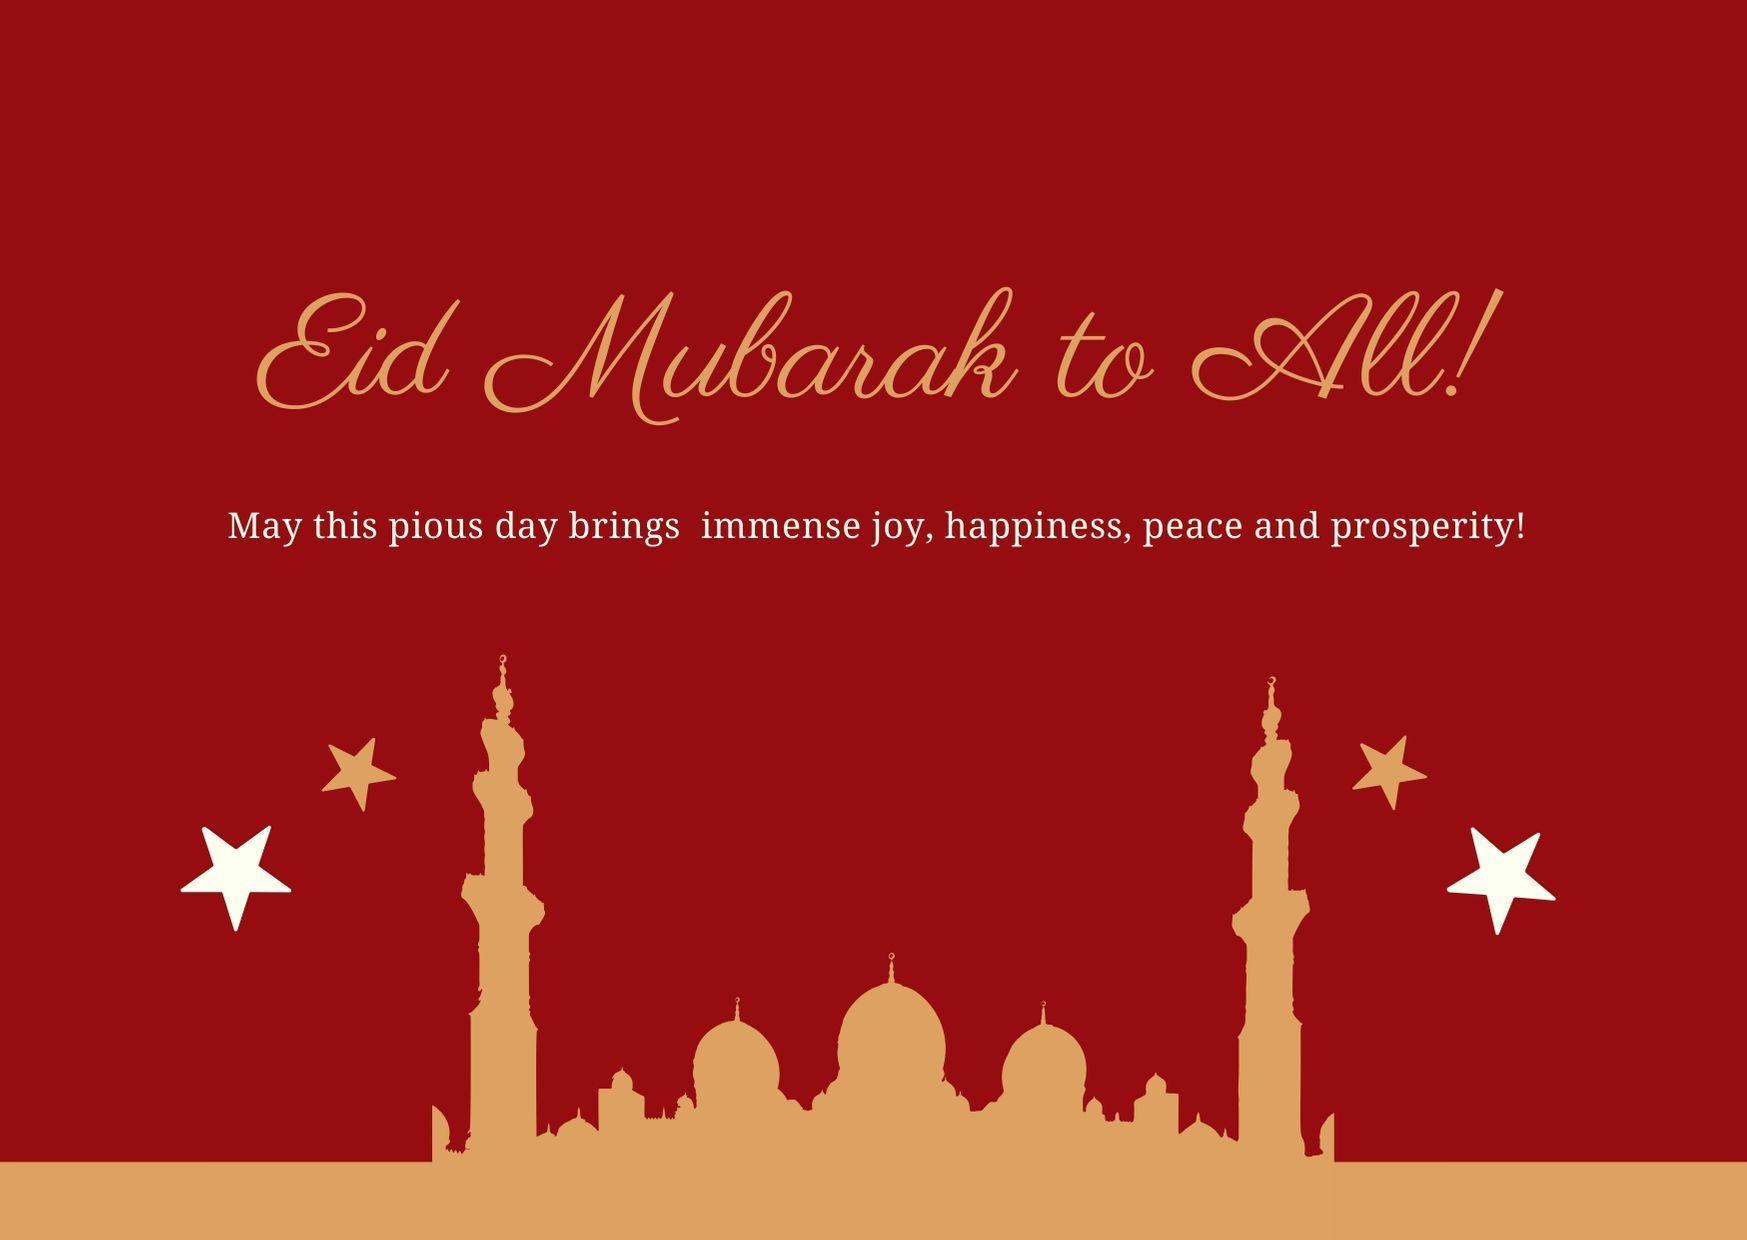 #eidmubarak!  May this #pious day #brings #immense #joy, #happiness, #peace, and #prosperity.  #cmaxinsight #eid #ramadan #happyeid #allah #blessings #dua #mubarak #eid2020